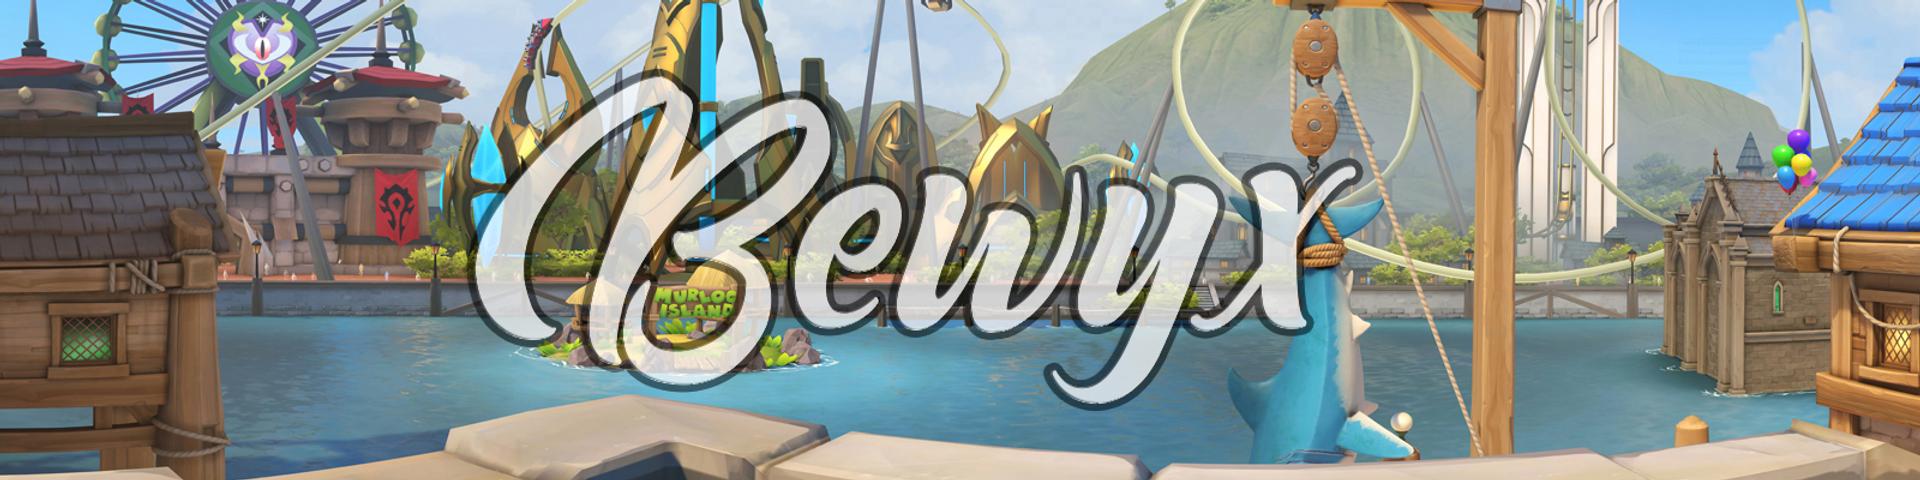 Bewyx画师3d动画同人视频合集